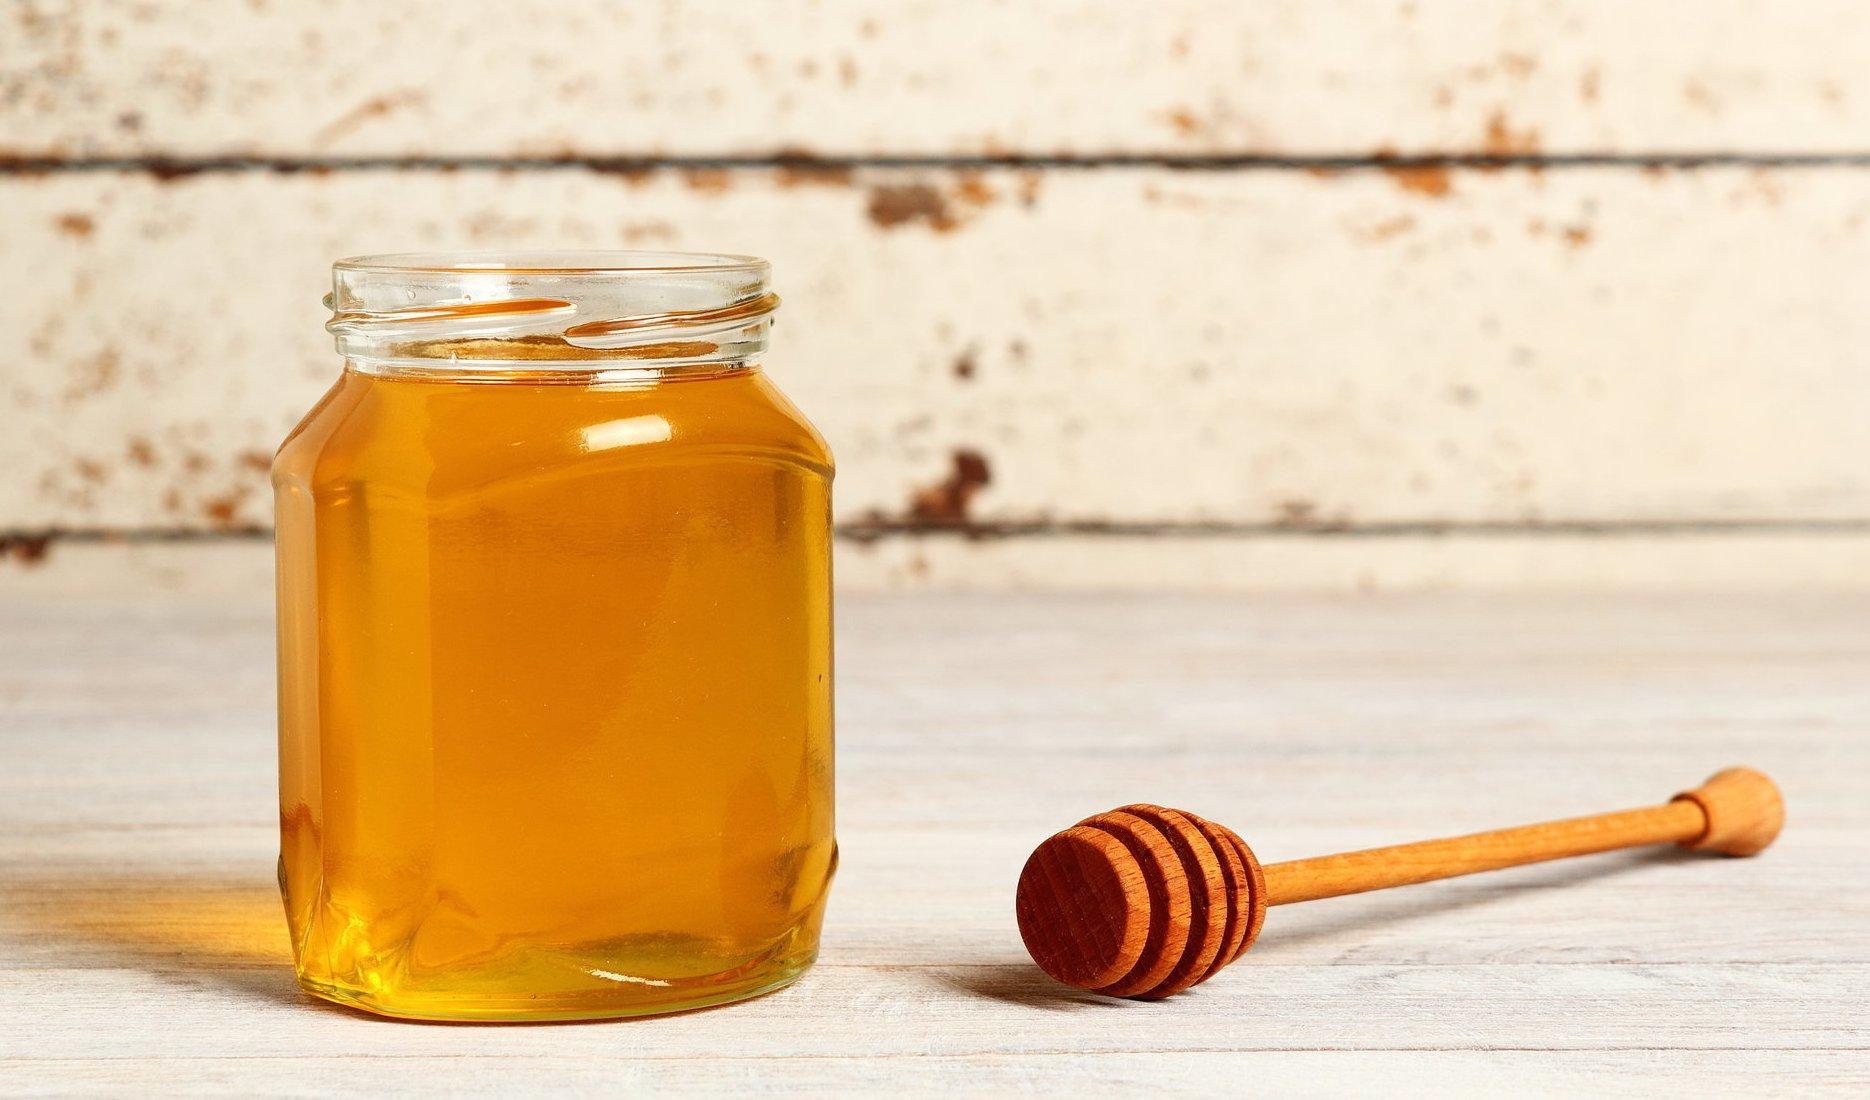 madu untuk diabetes